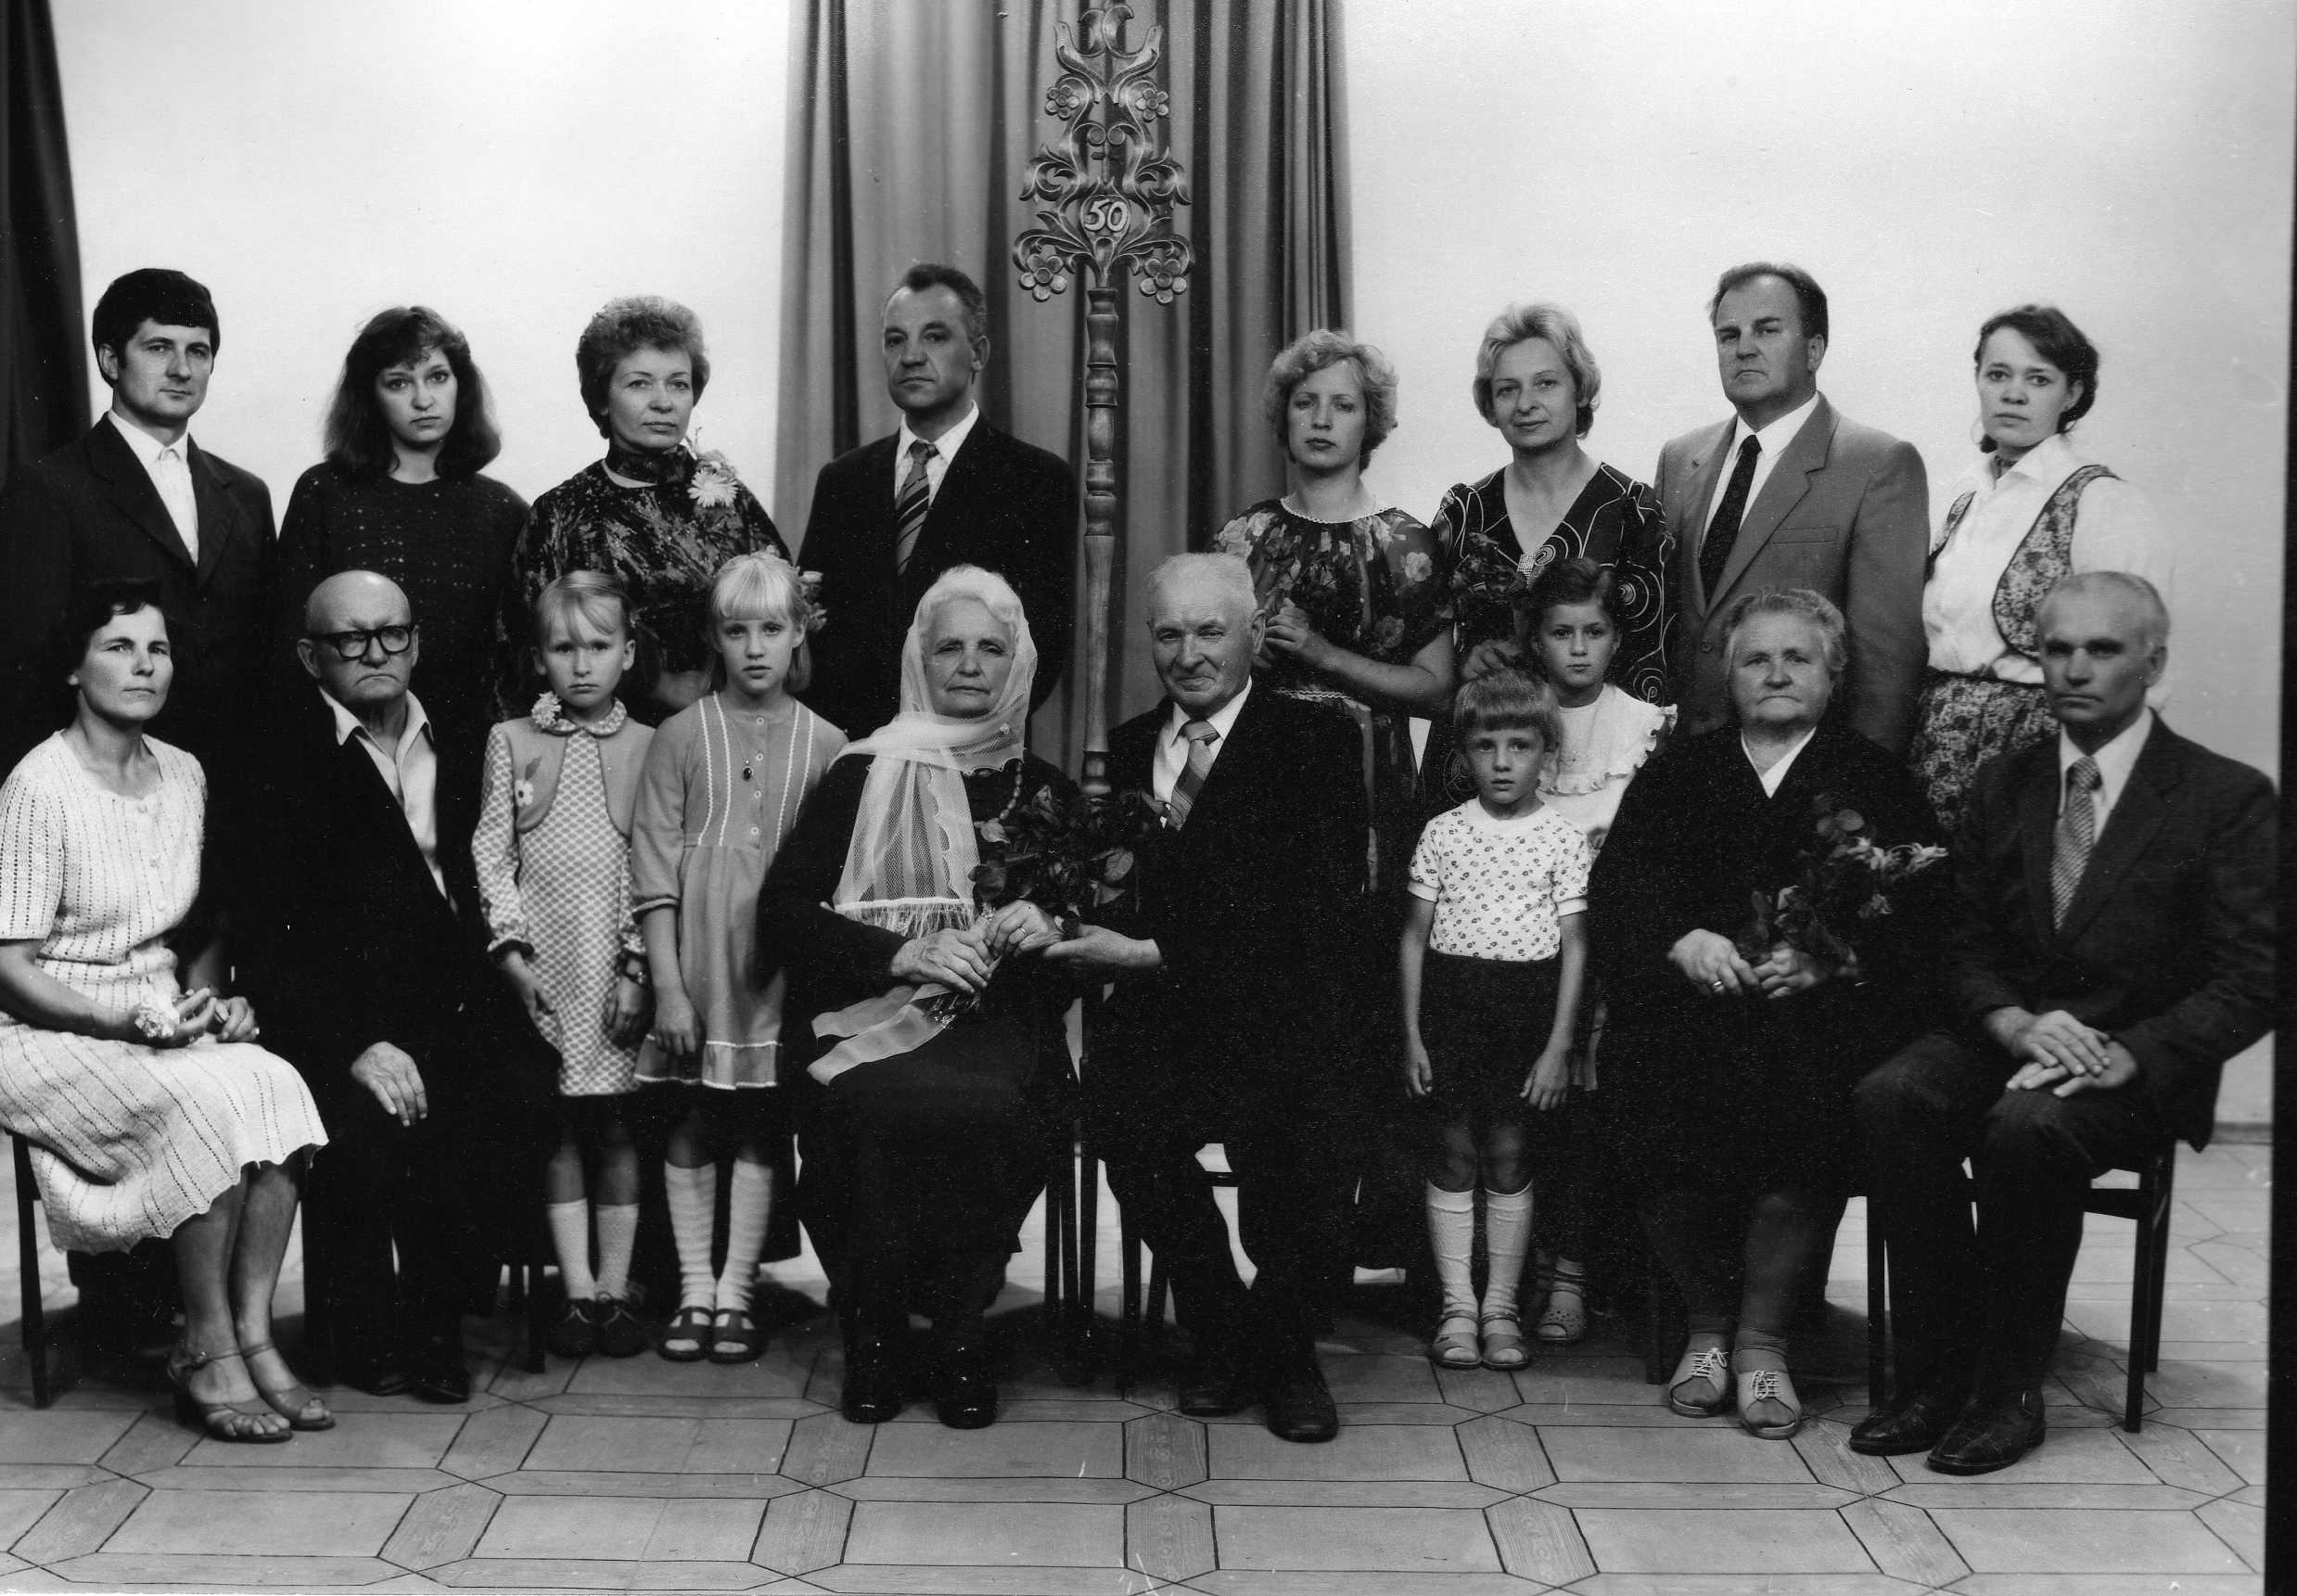 Profesoriaus, agronomo Petro Vasinausko brolio Jono Vasinausko  ir jo žmonos Eugenijos Vasinauskienės 50-osios vestuvių metinės. 1983 m.